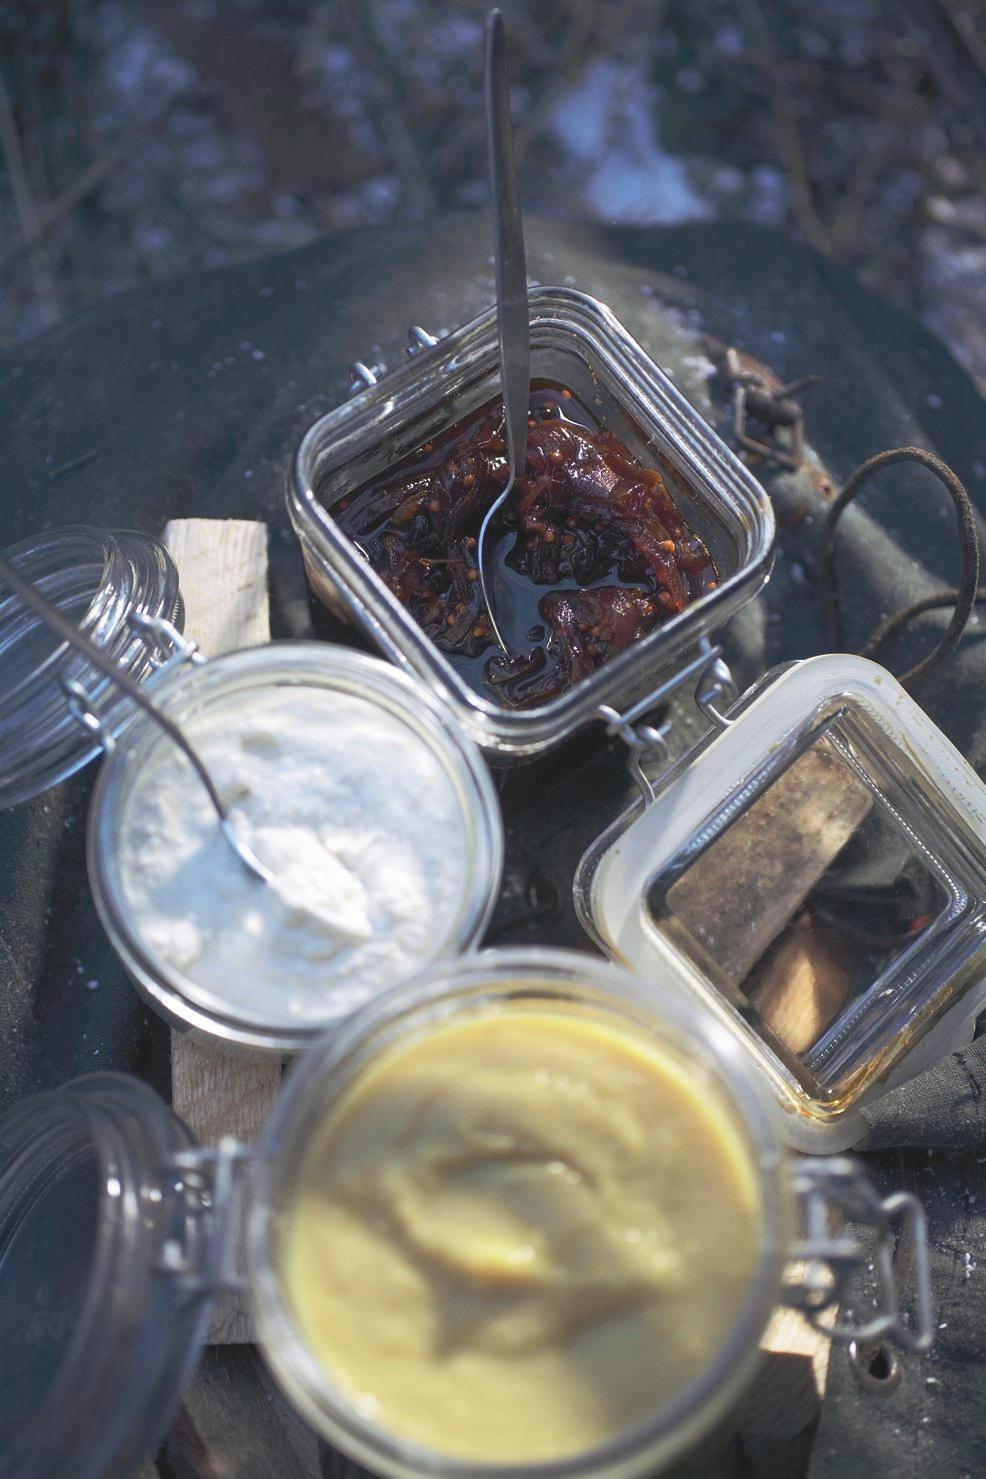 Das Zwiebel-Chutney hält sich mehrere Wochen und lässt sich in einem Schraubglas oder gut transportieren - perfekt für winterliche Grillpartys. Zum Rezept: Zwiebel-Chutney